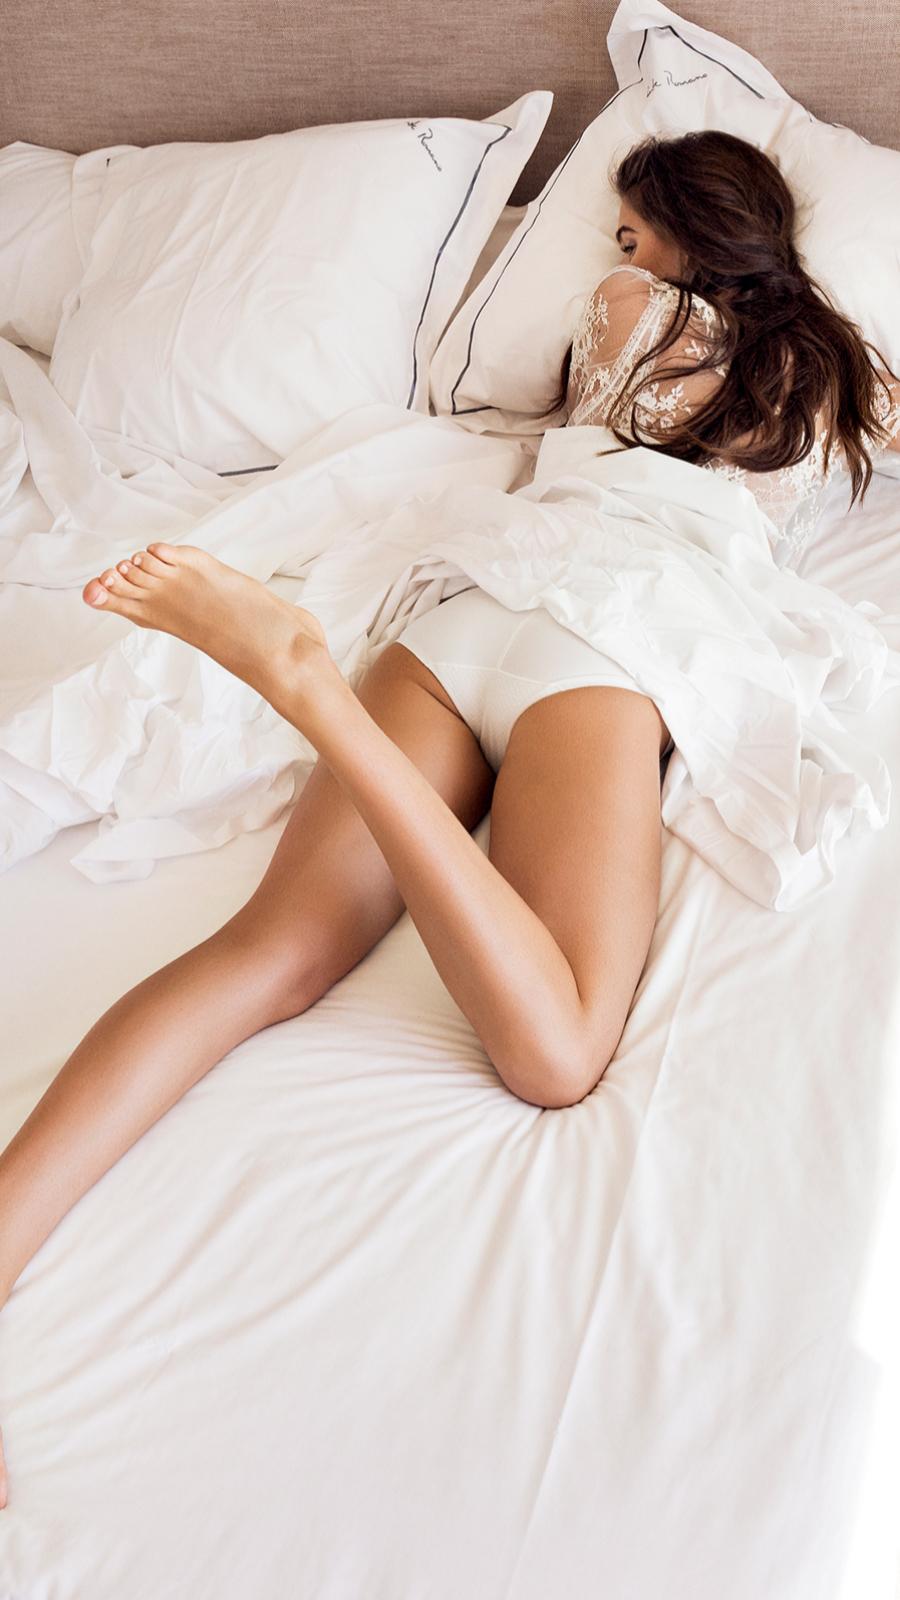 La única postura que no se recomienda es dormir boca arriba.